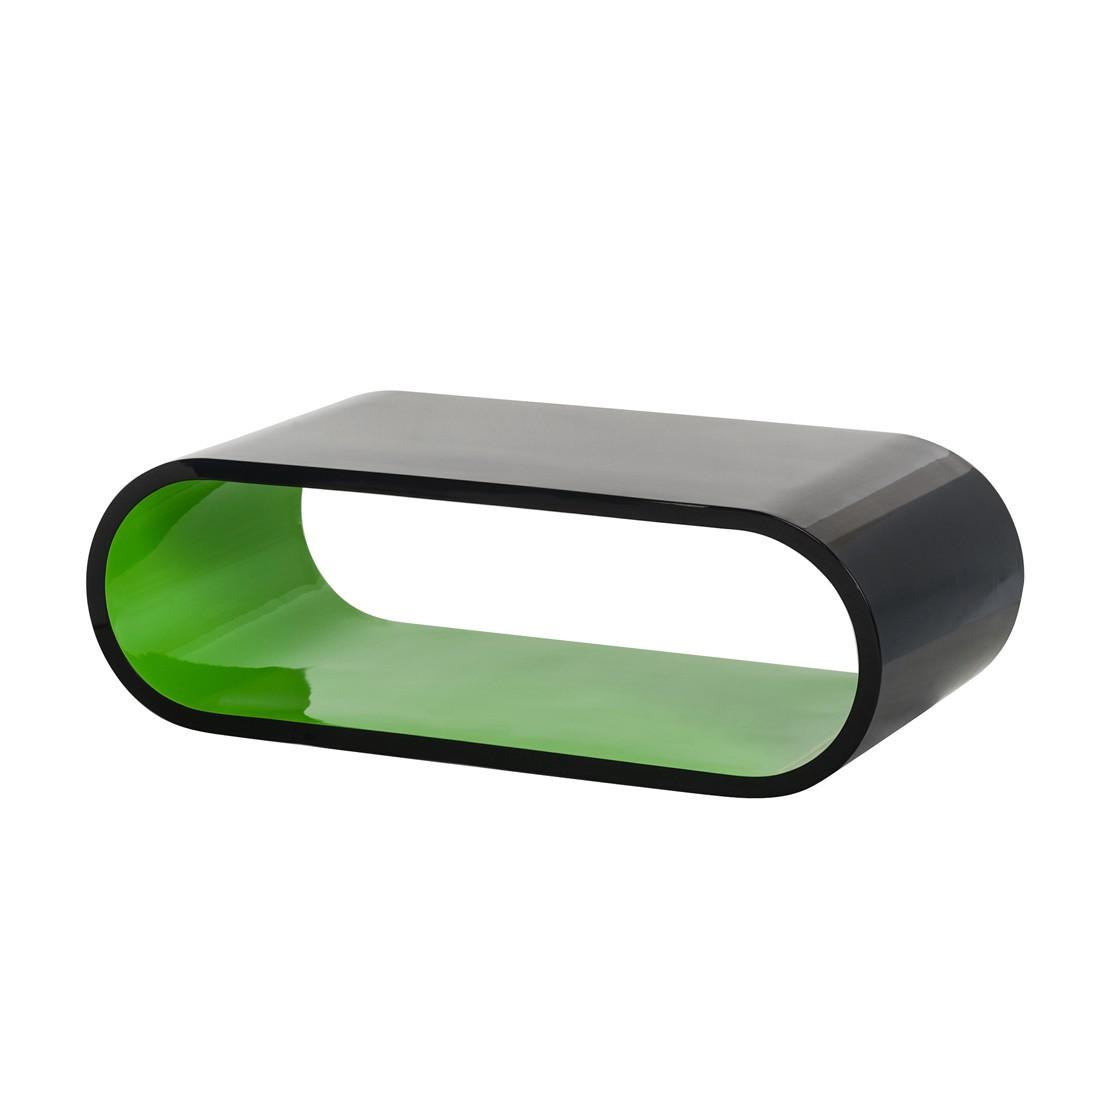 couchtische hochglanz schwarz preisvergleich die besten angebote online kaufen. Black Bedroom Furniture Sets. Home Design Ideas